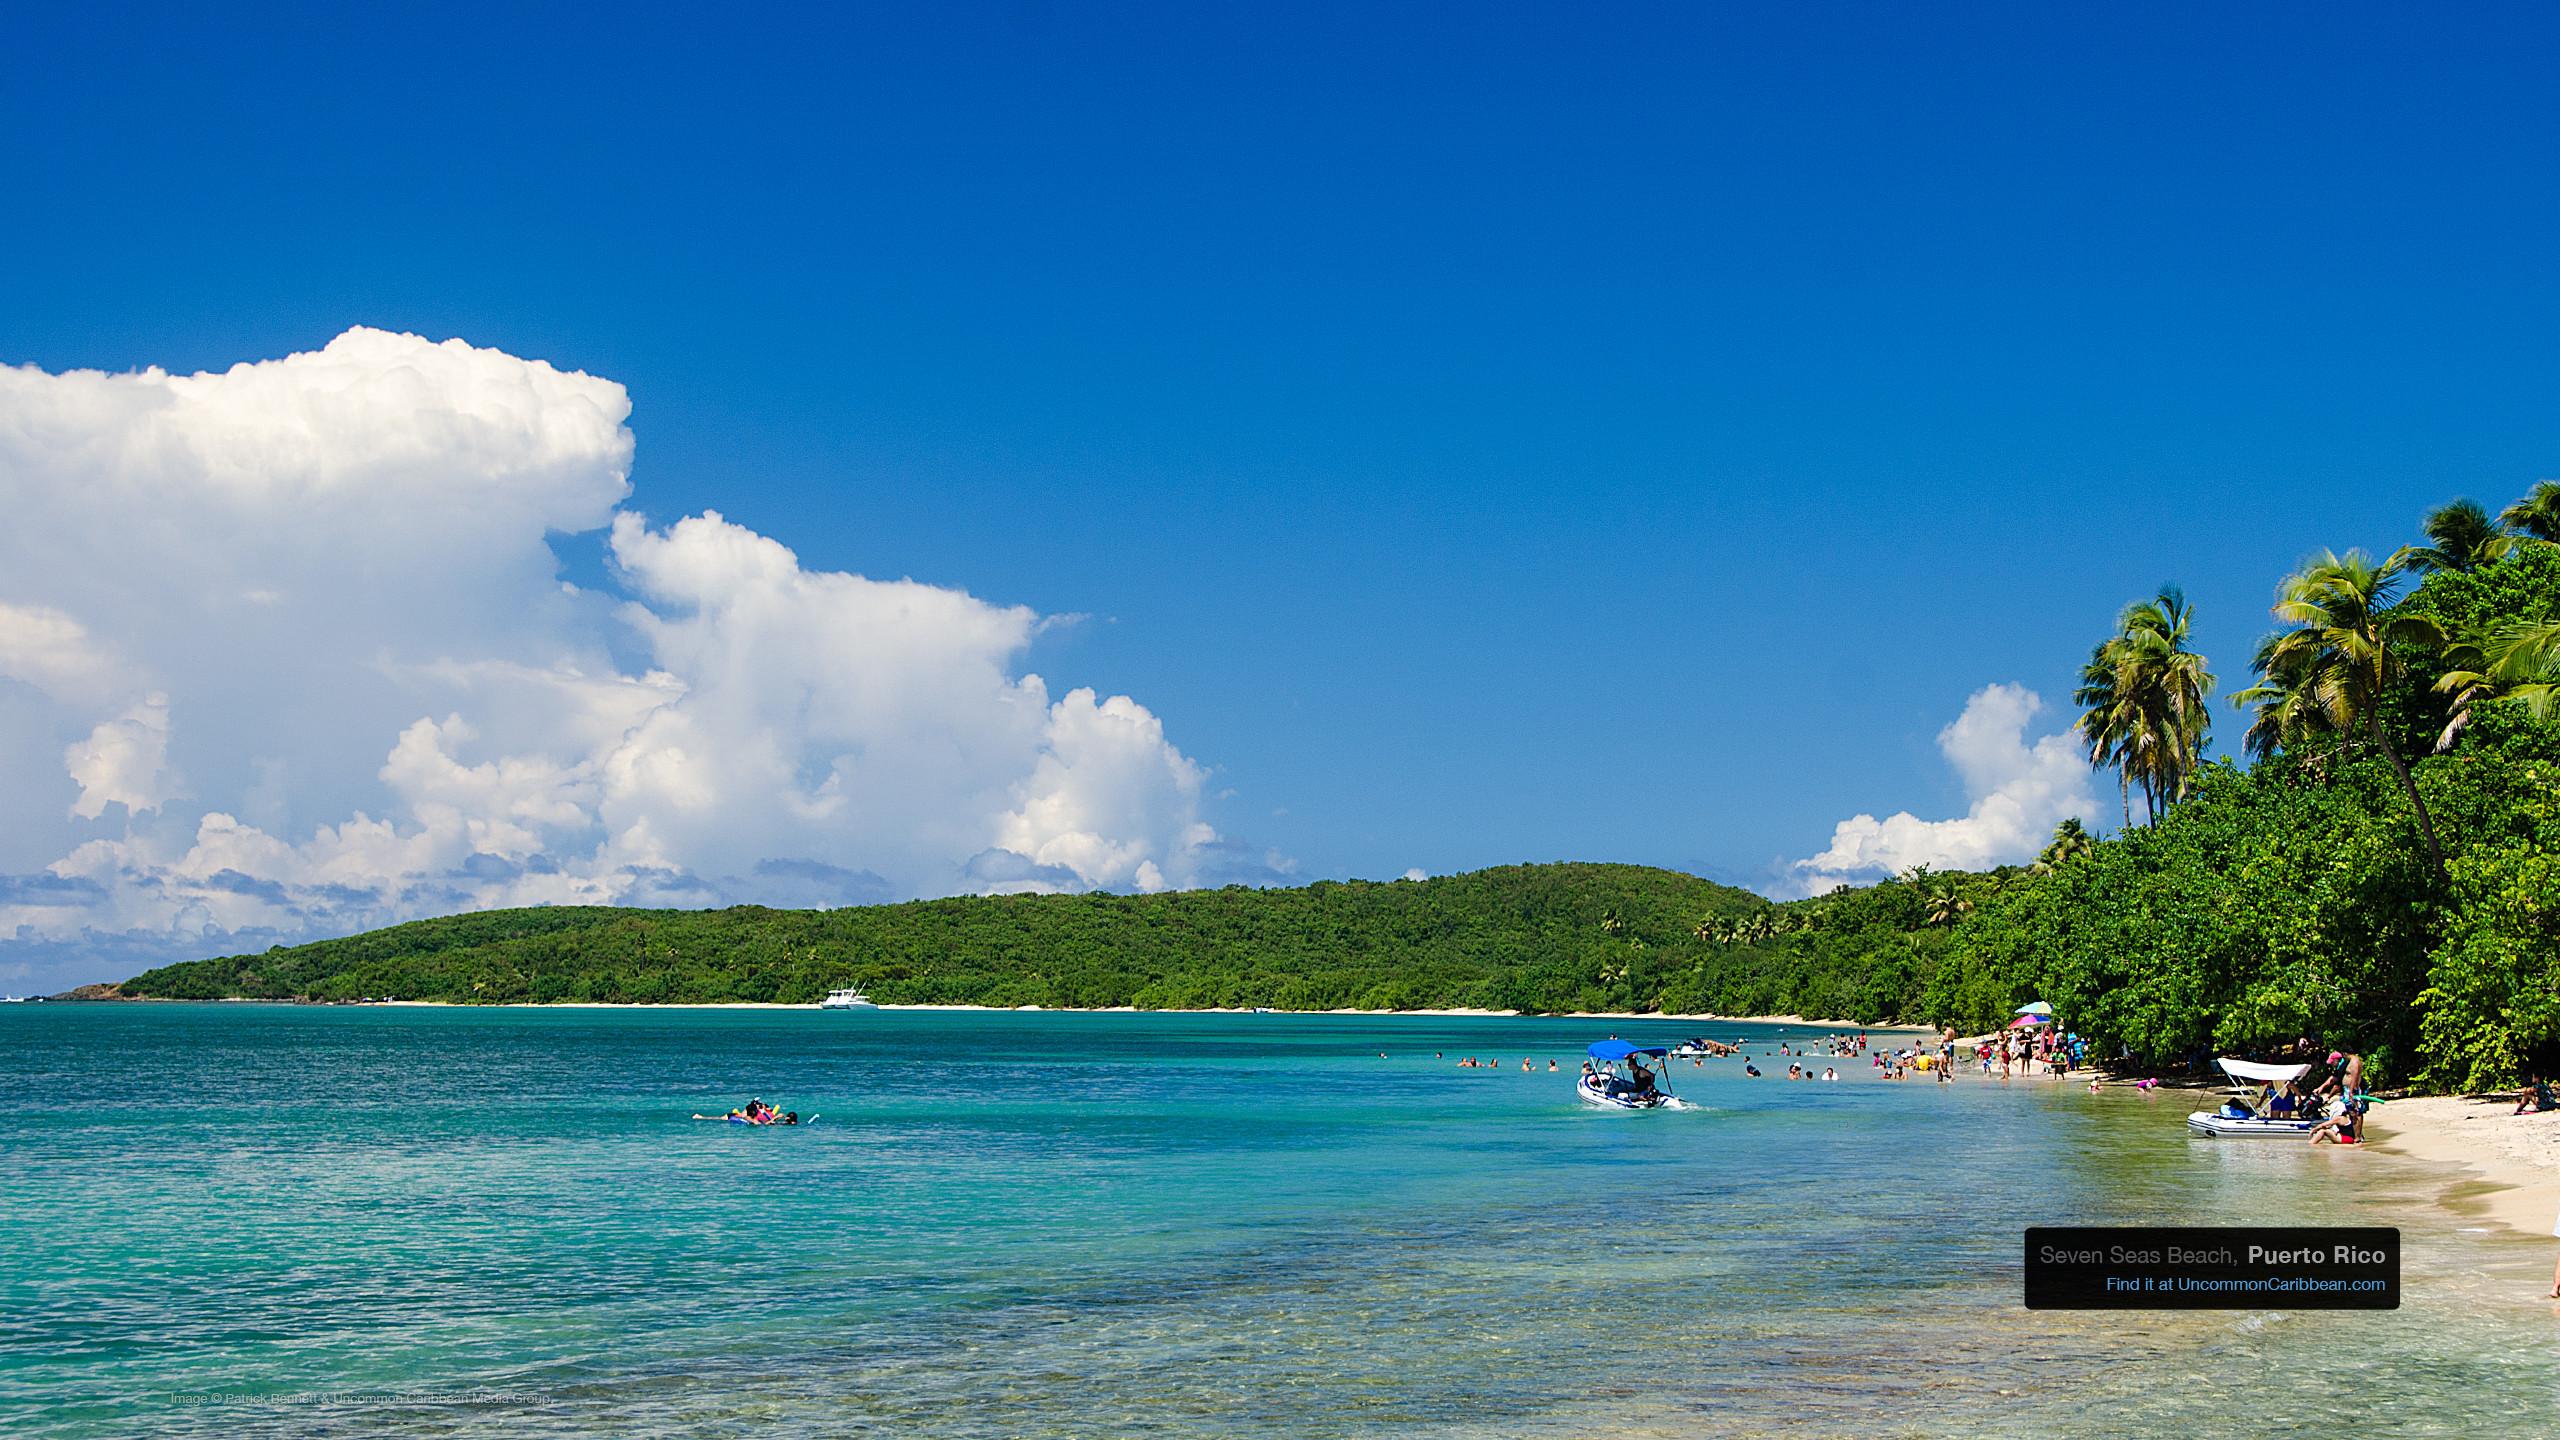 … Barbados Seven Seas Beach, Puerto Rico